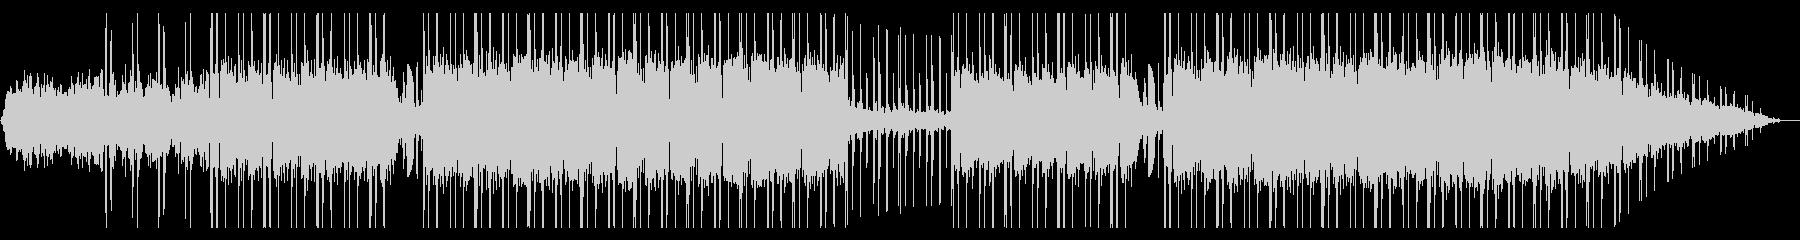 ギター パーカッション メランコリックの未再生の波形